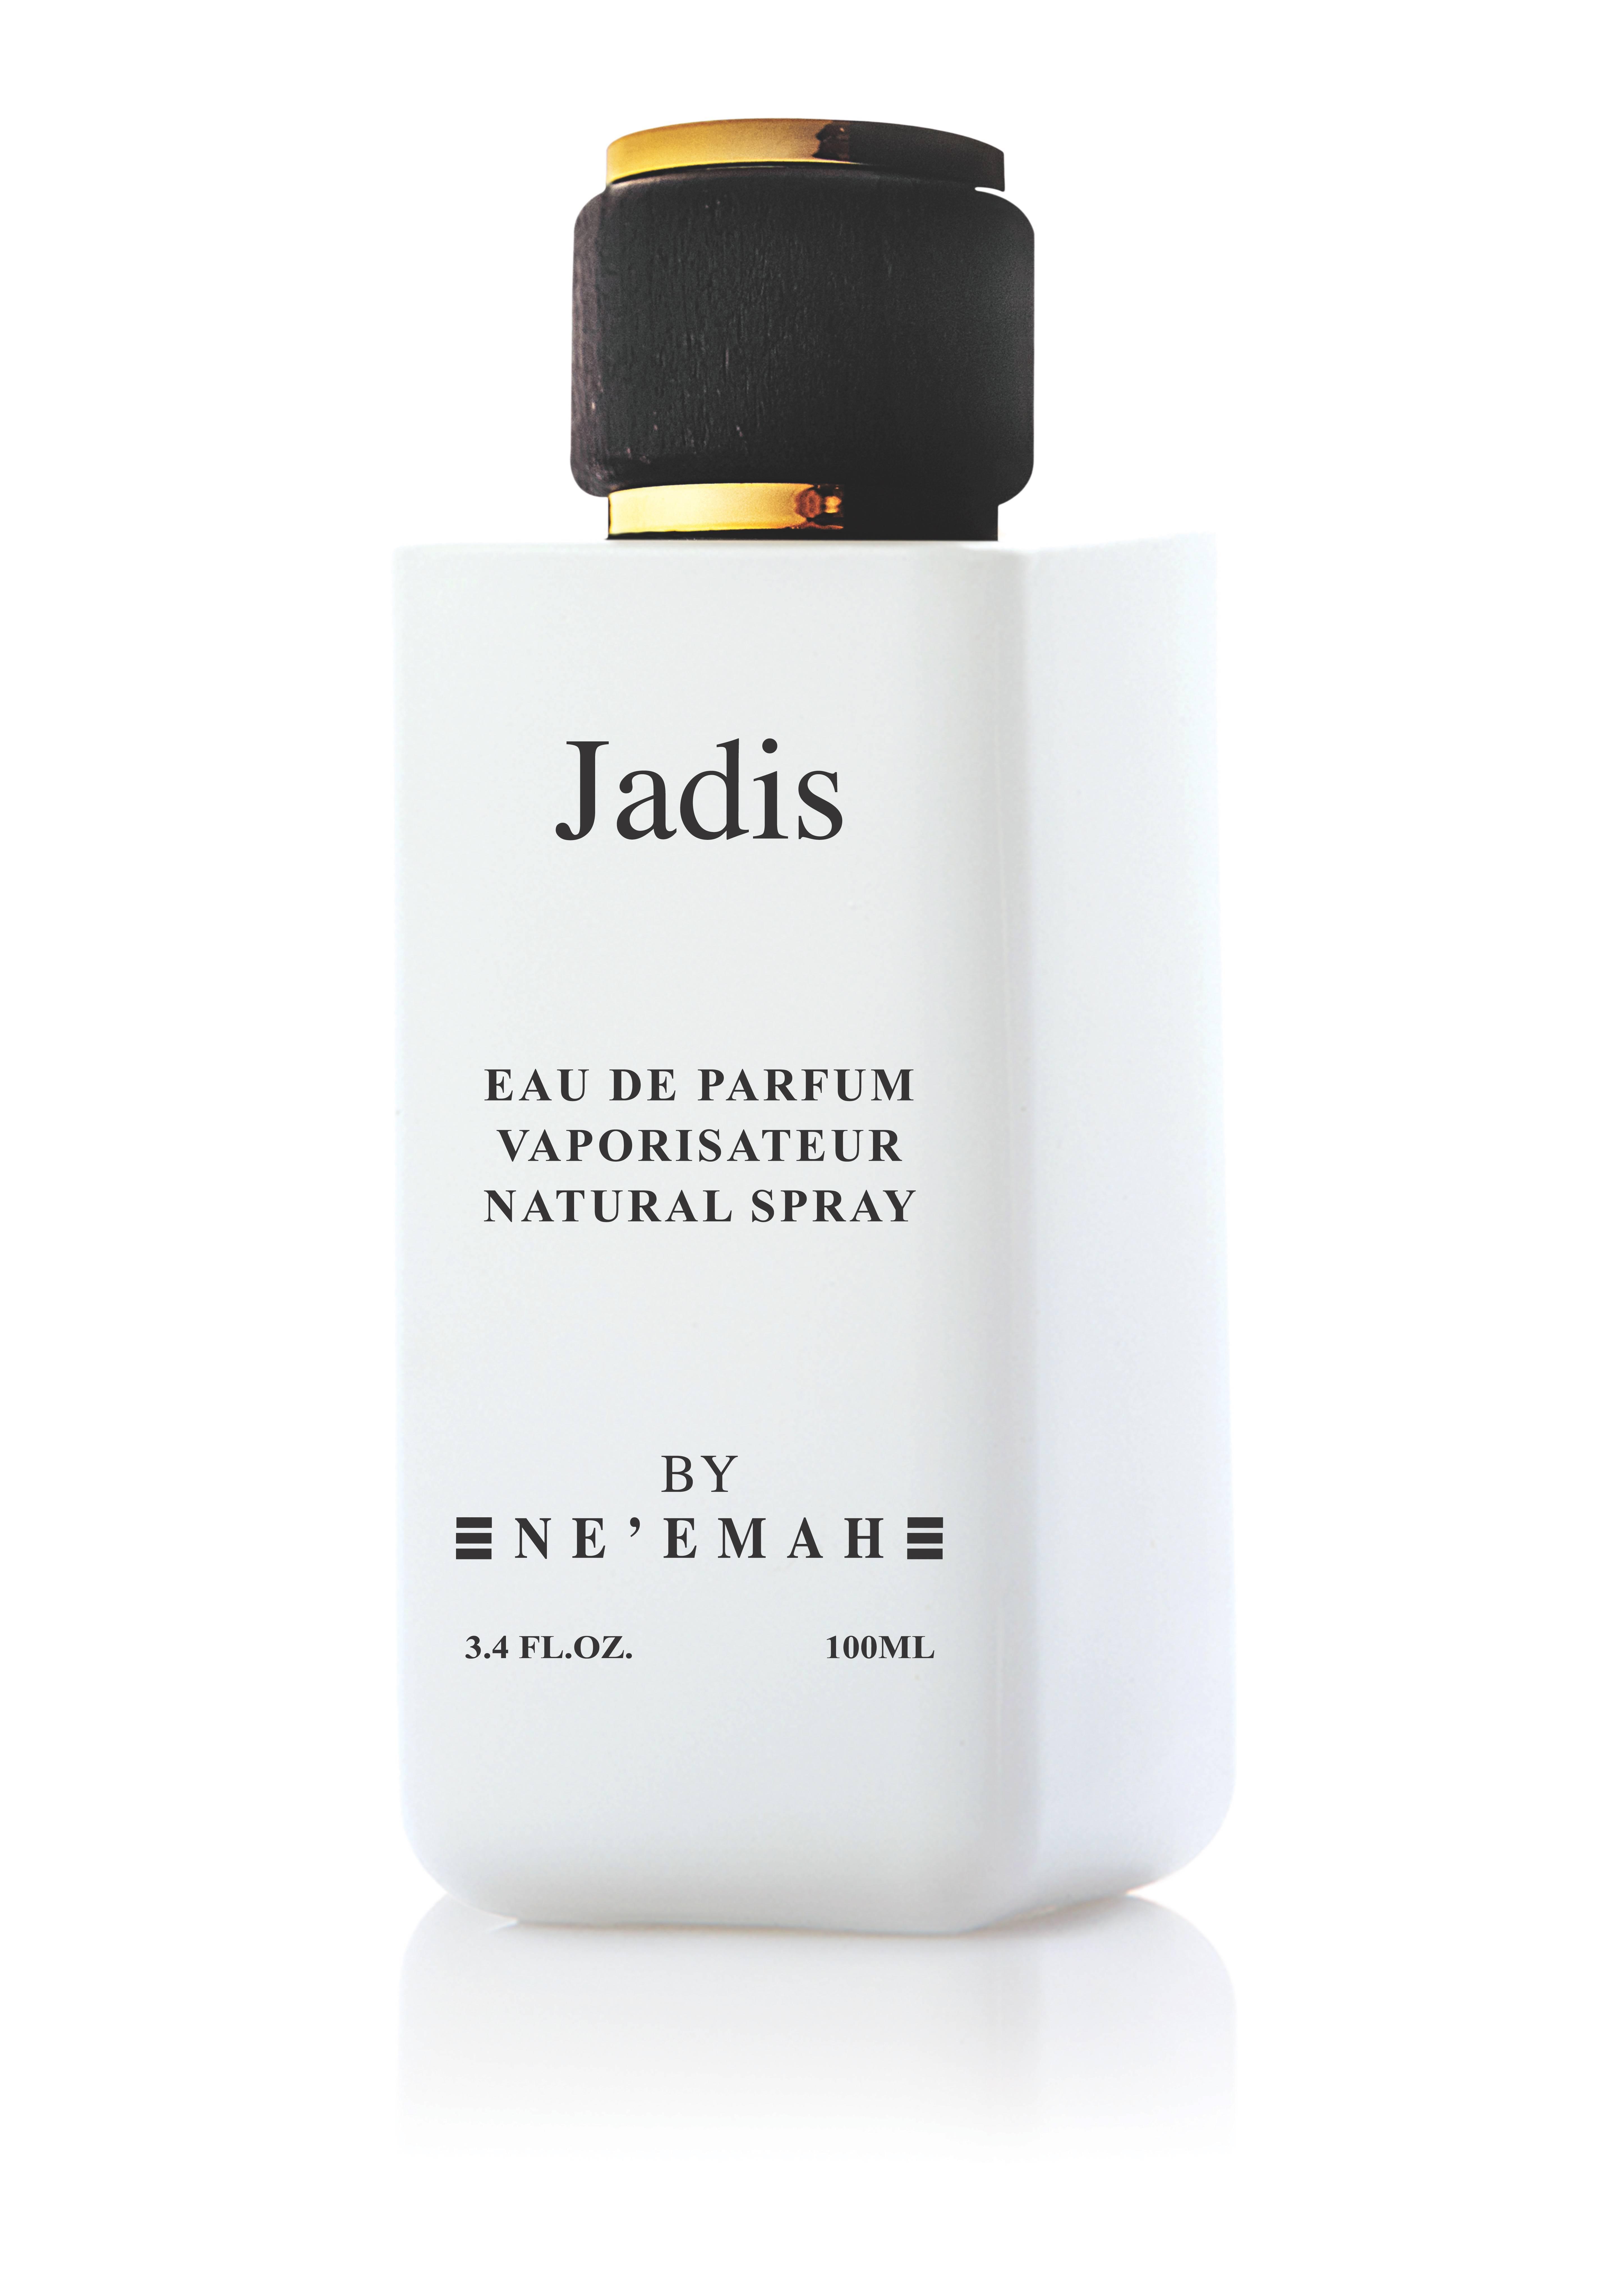 Jadis - AED 385:100ml